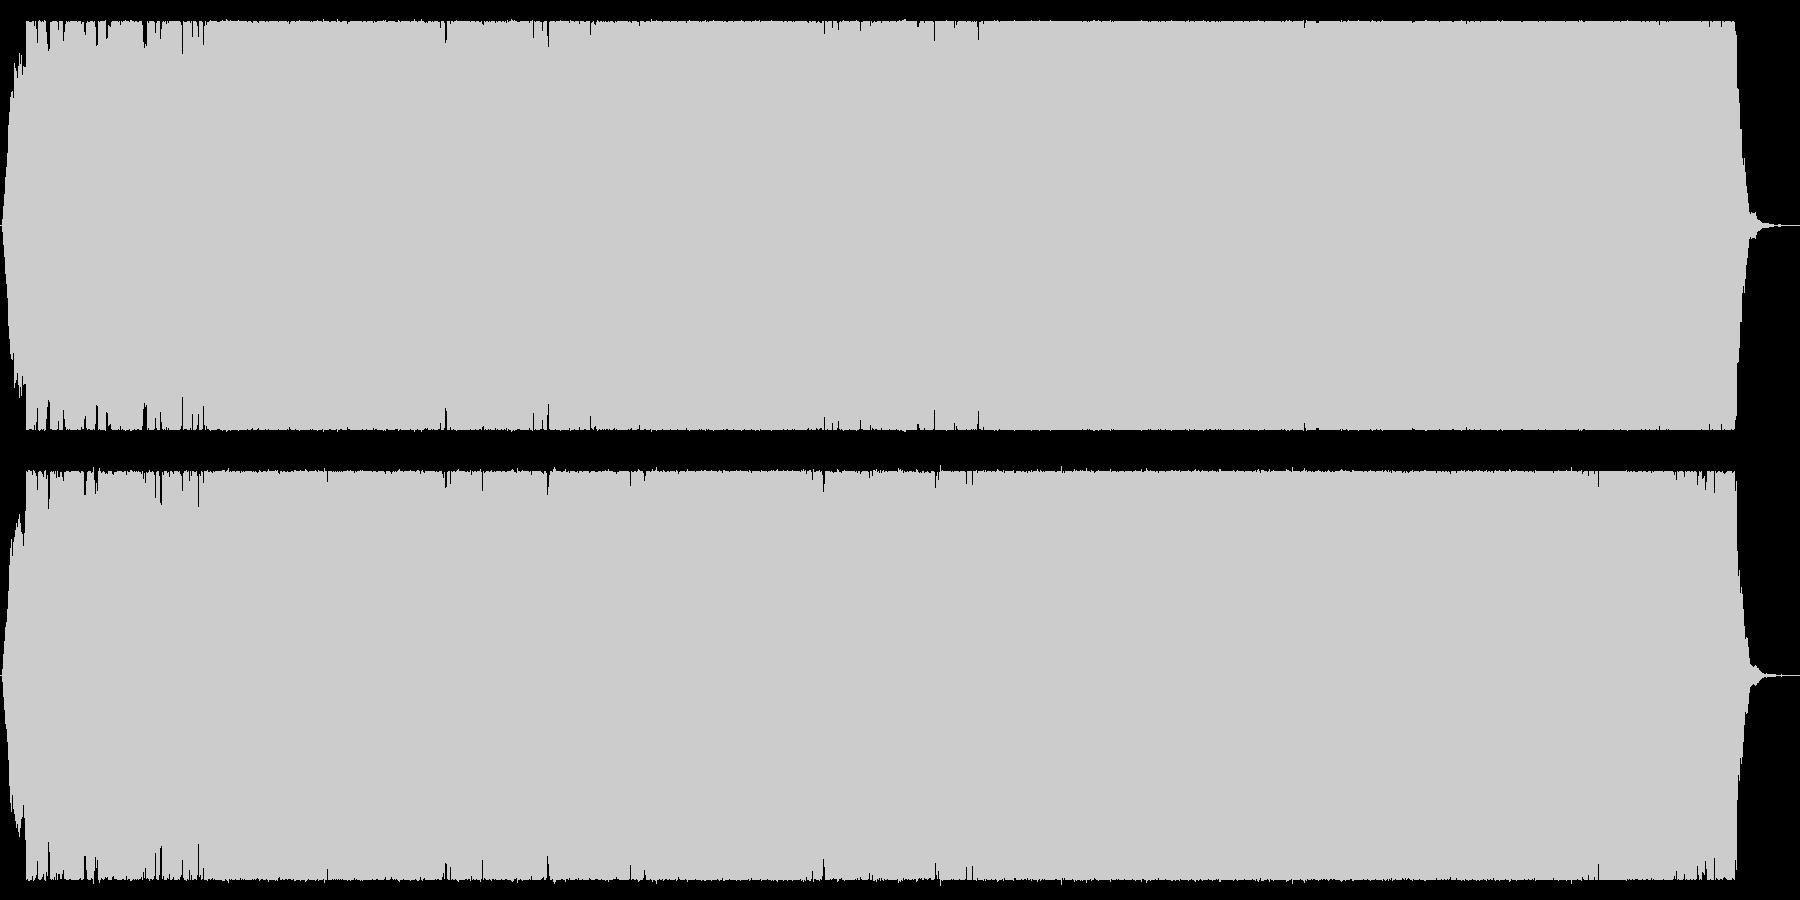 シリアスな戦闘系ロックBGMの未再生の波形